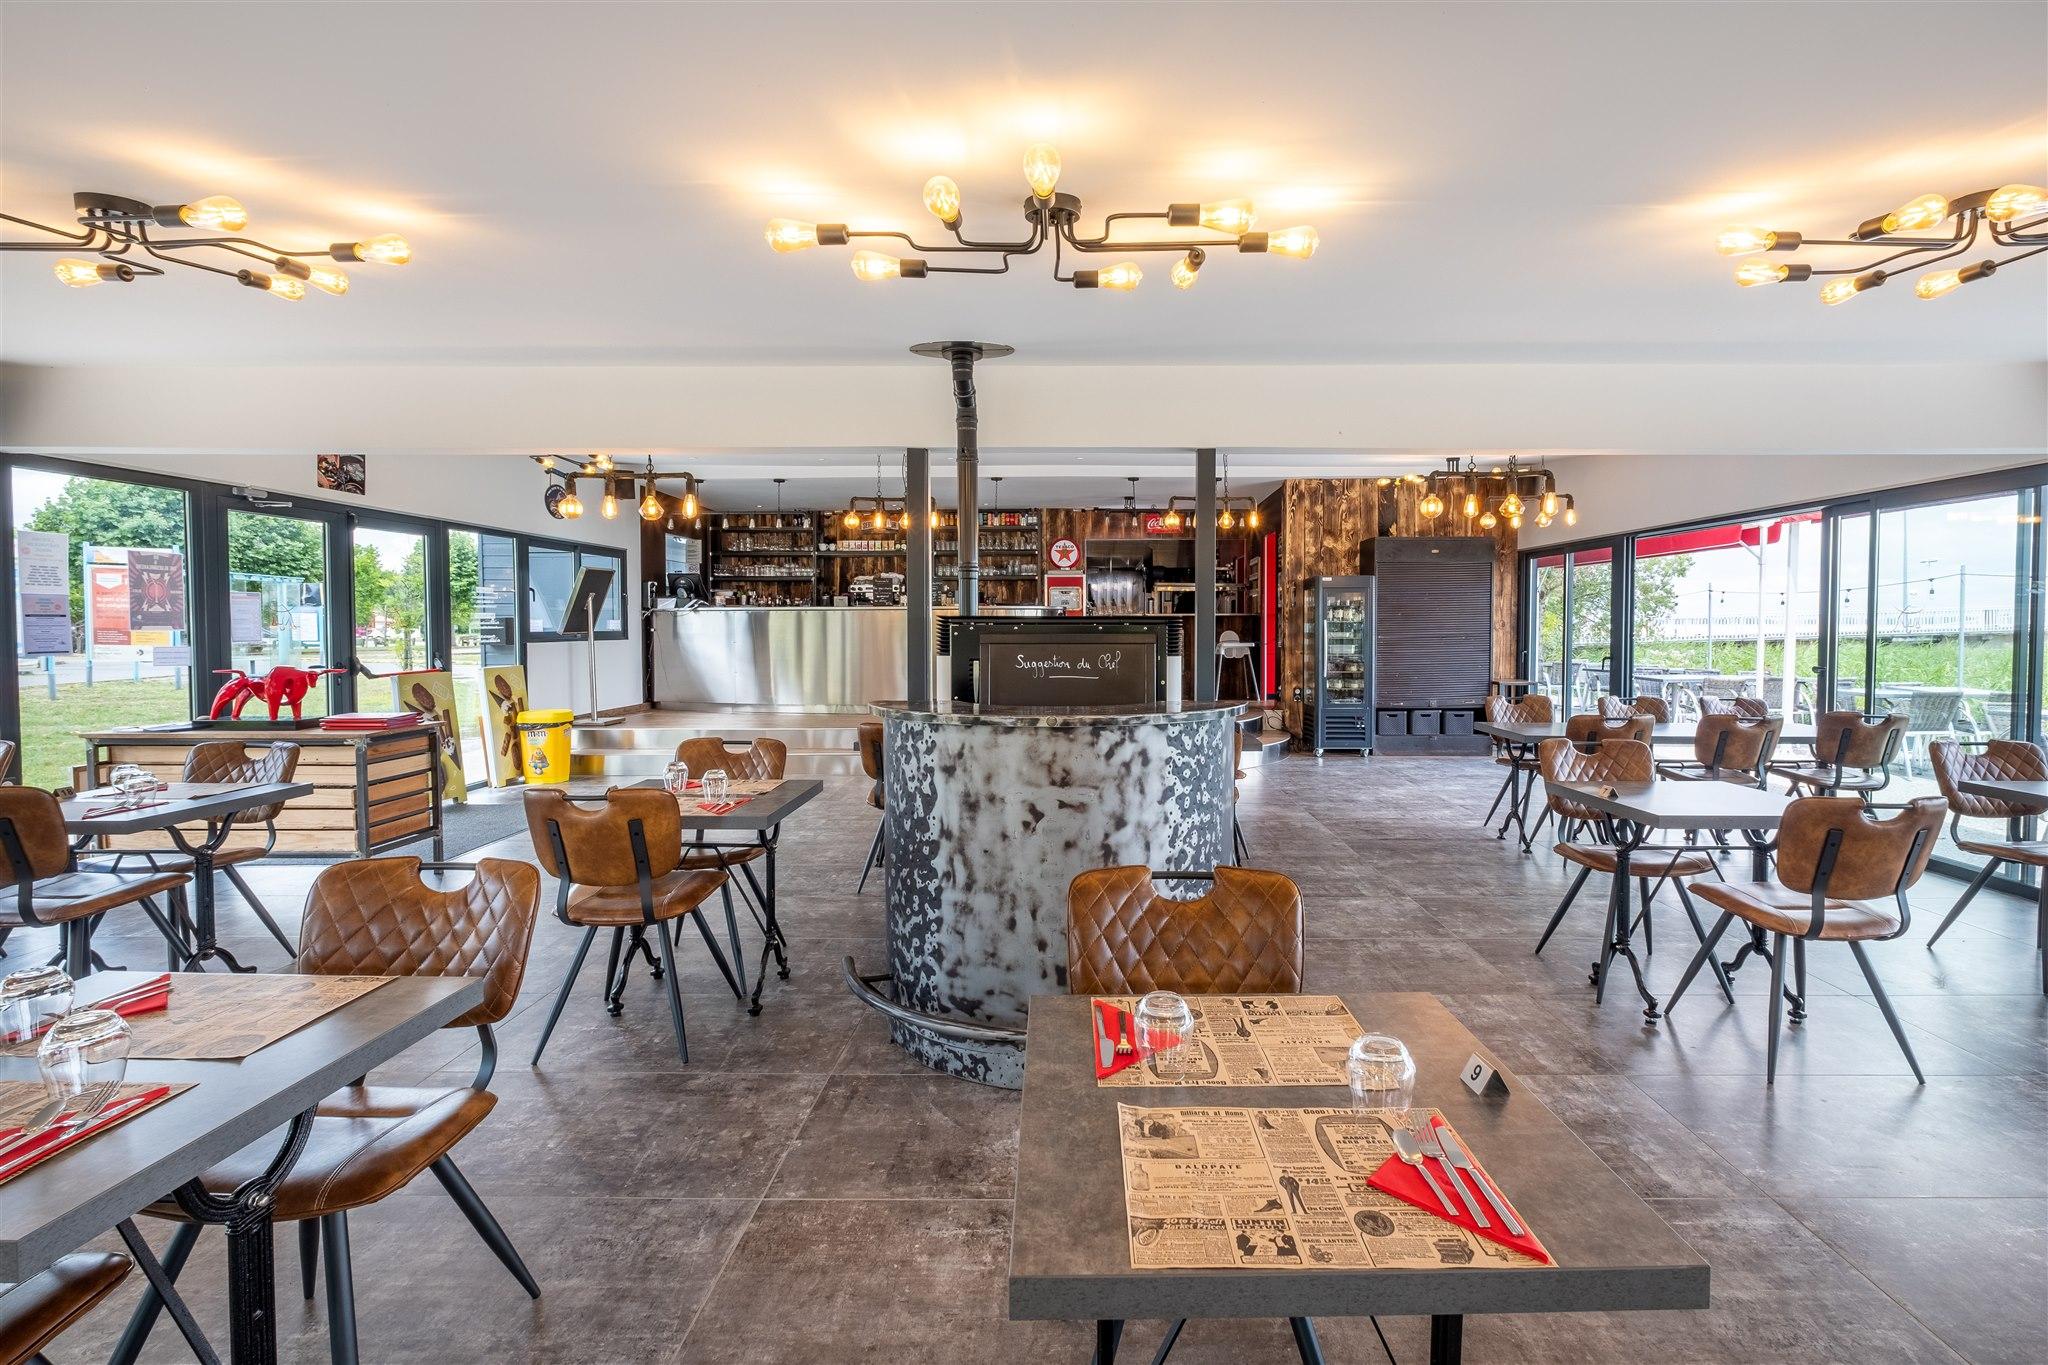 Aménagement d'un restaurant par MP intérieurs - Lamarque